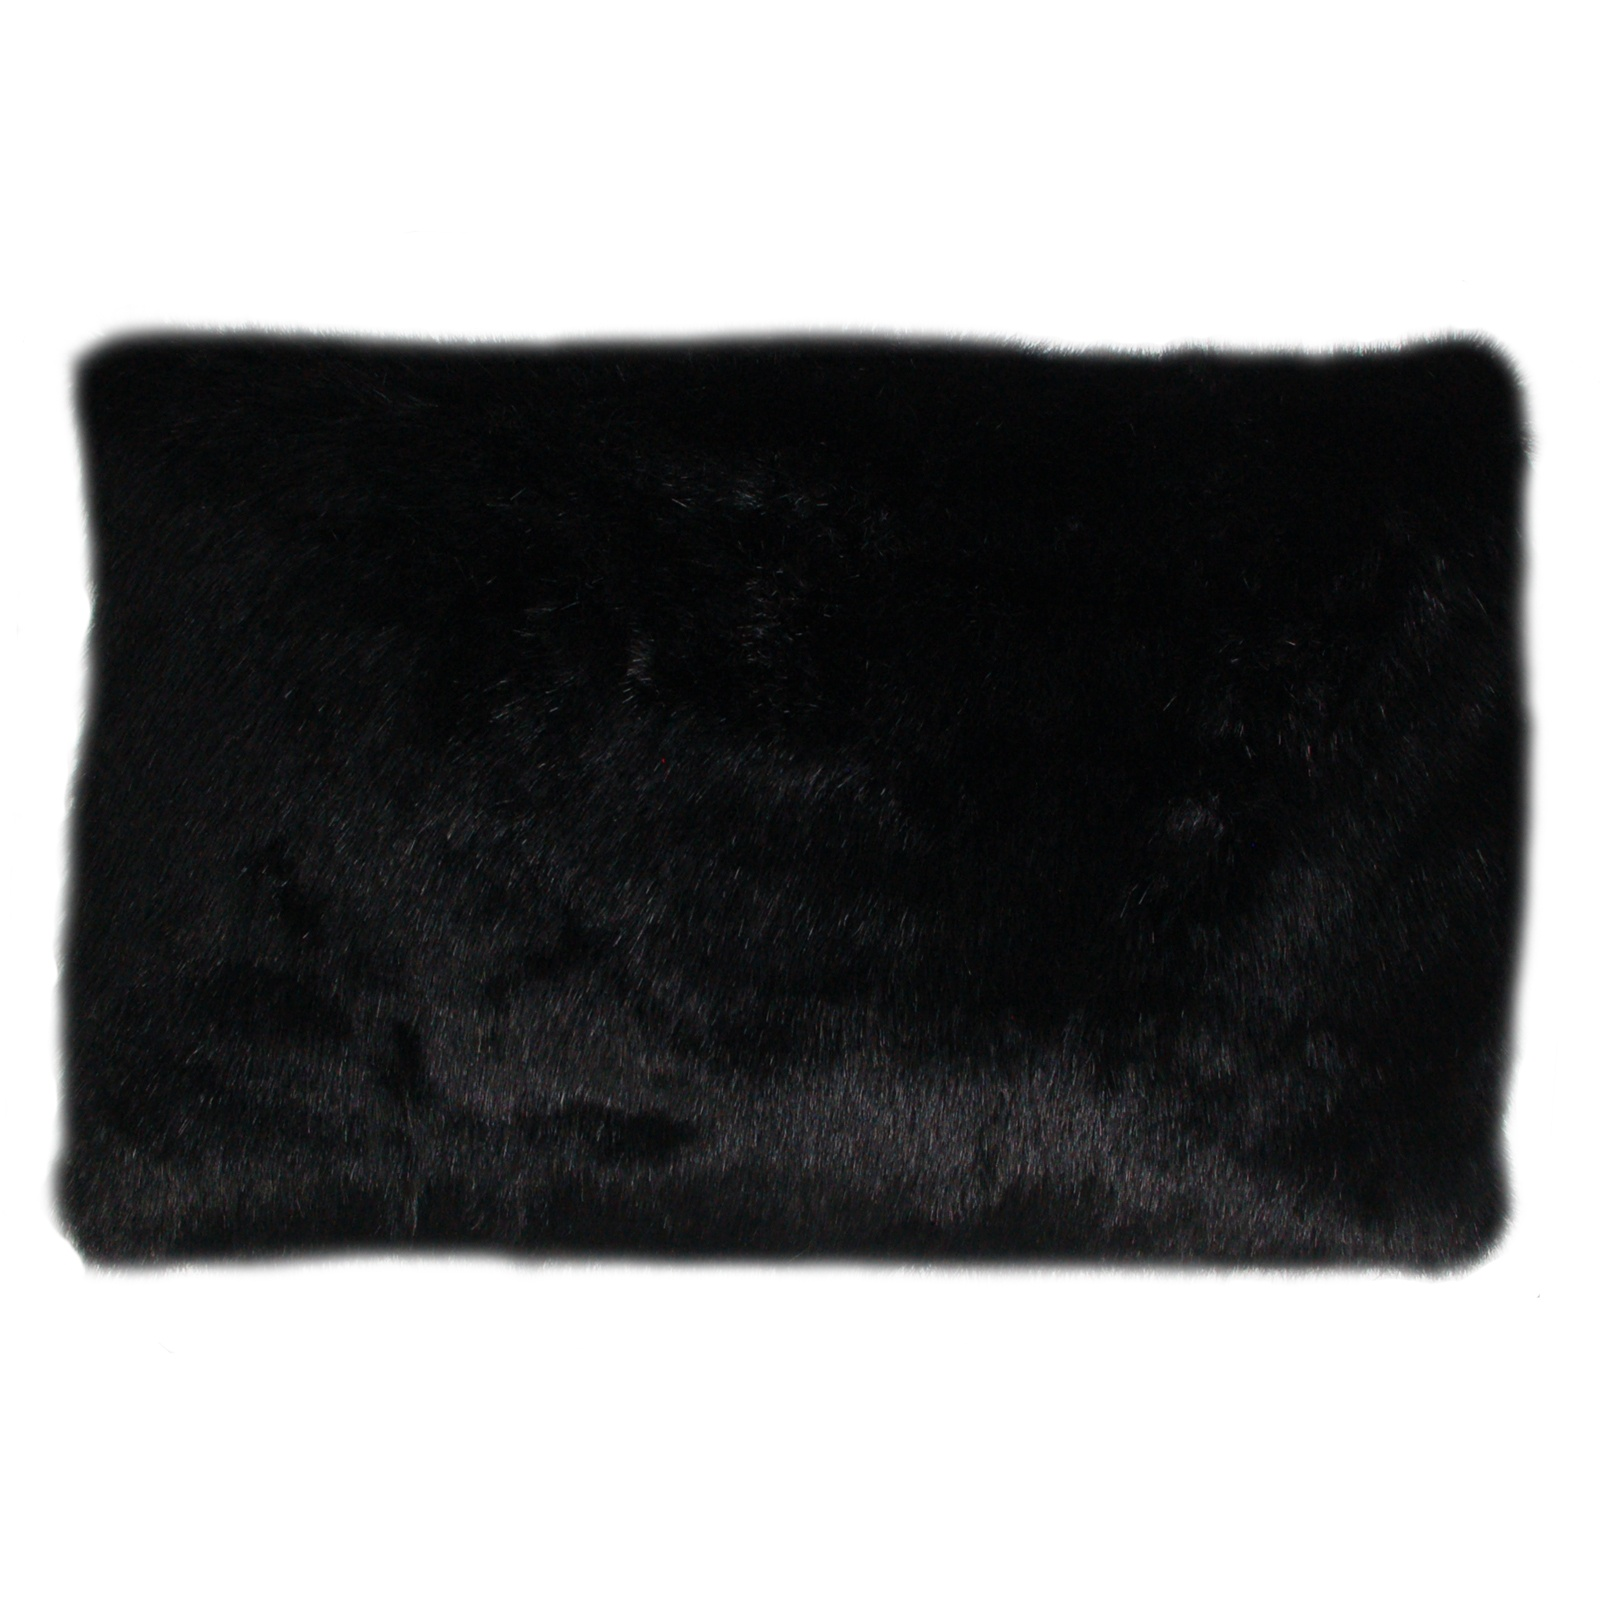 Fur Lumbar Pillow (Black) - FormDecor